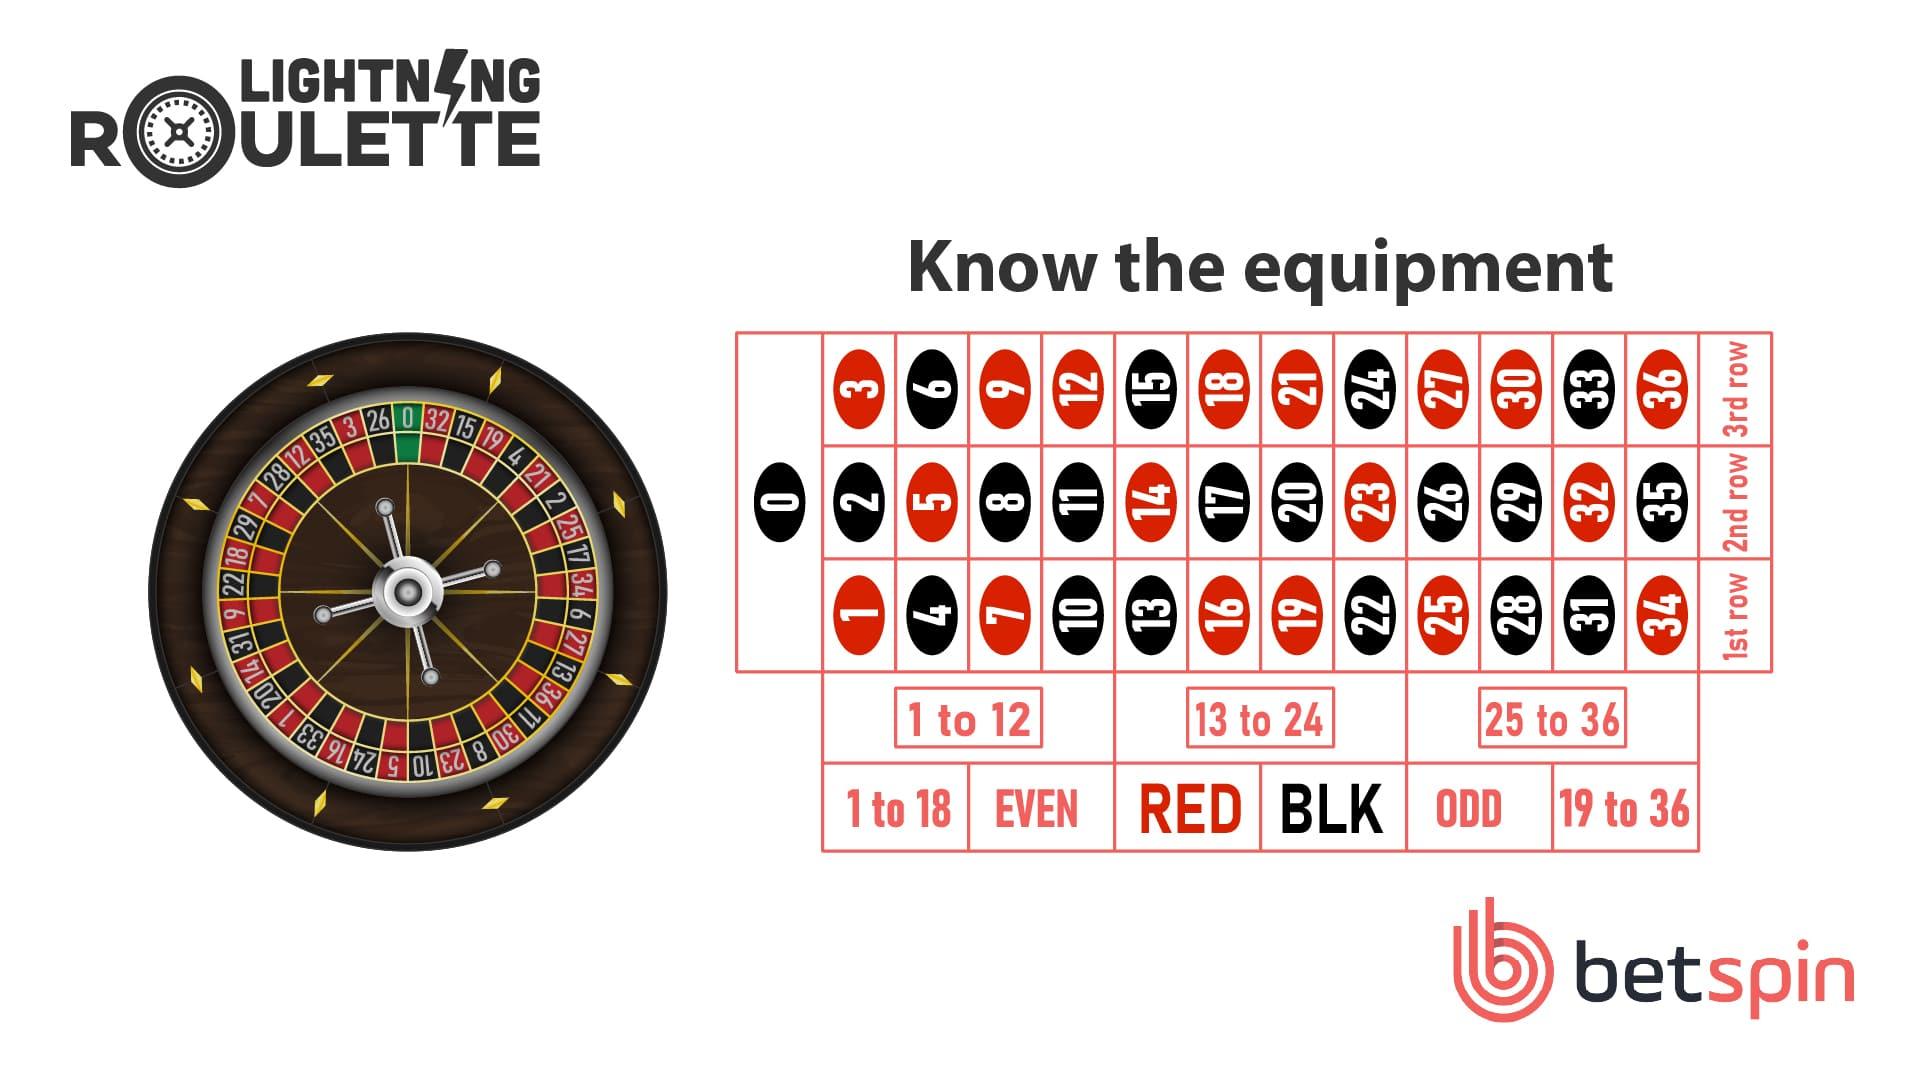 Lightning Roulette Step 1